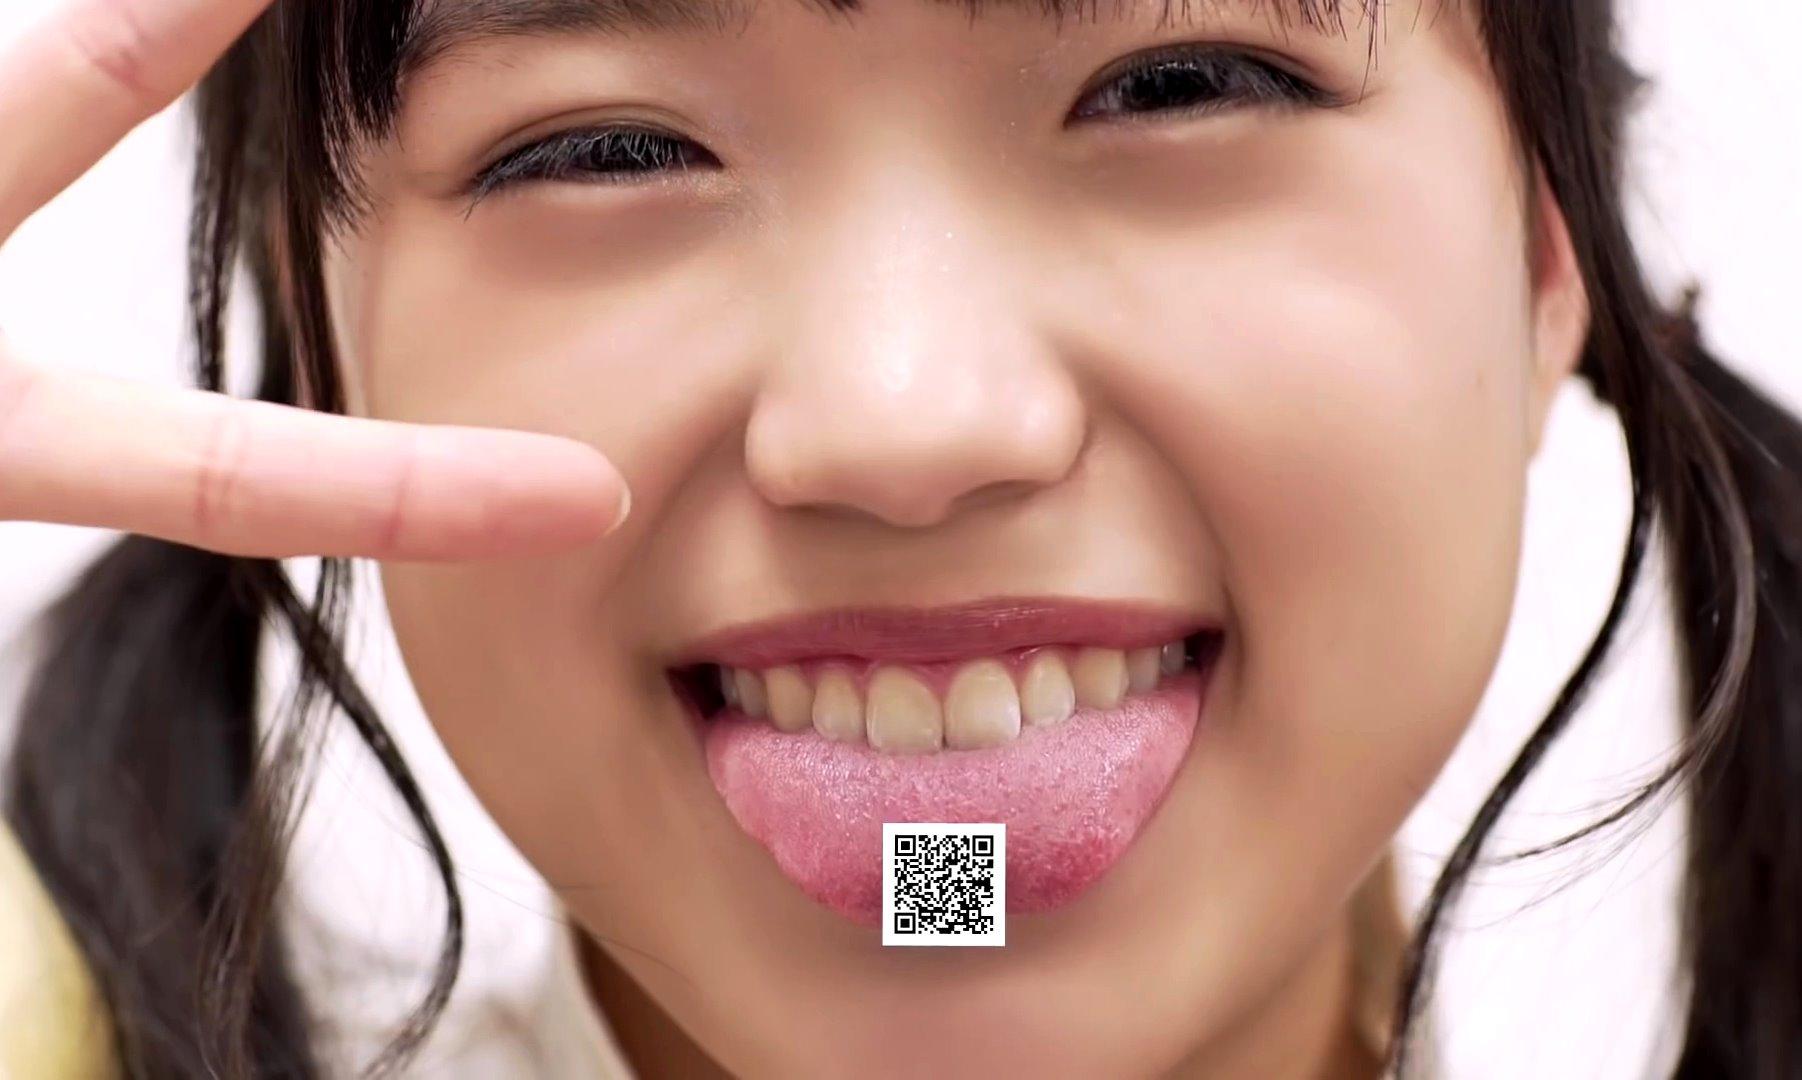 伊藤千由李の舌出し (4)